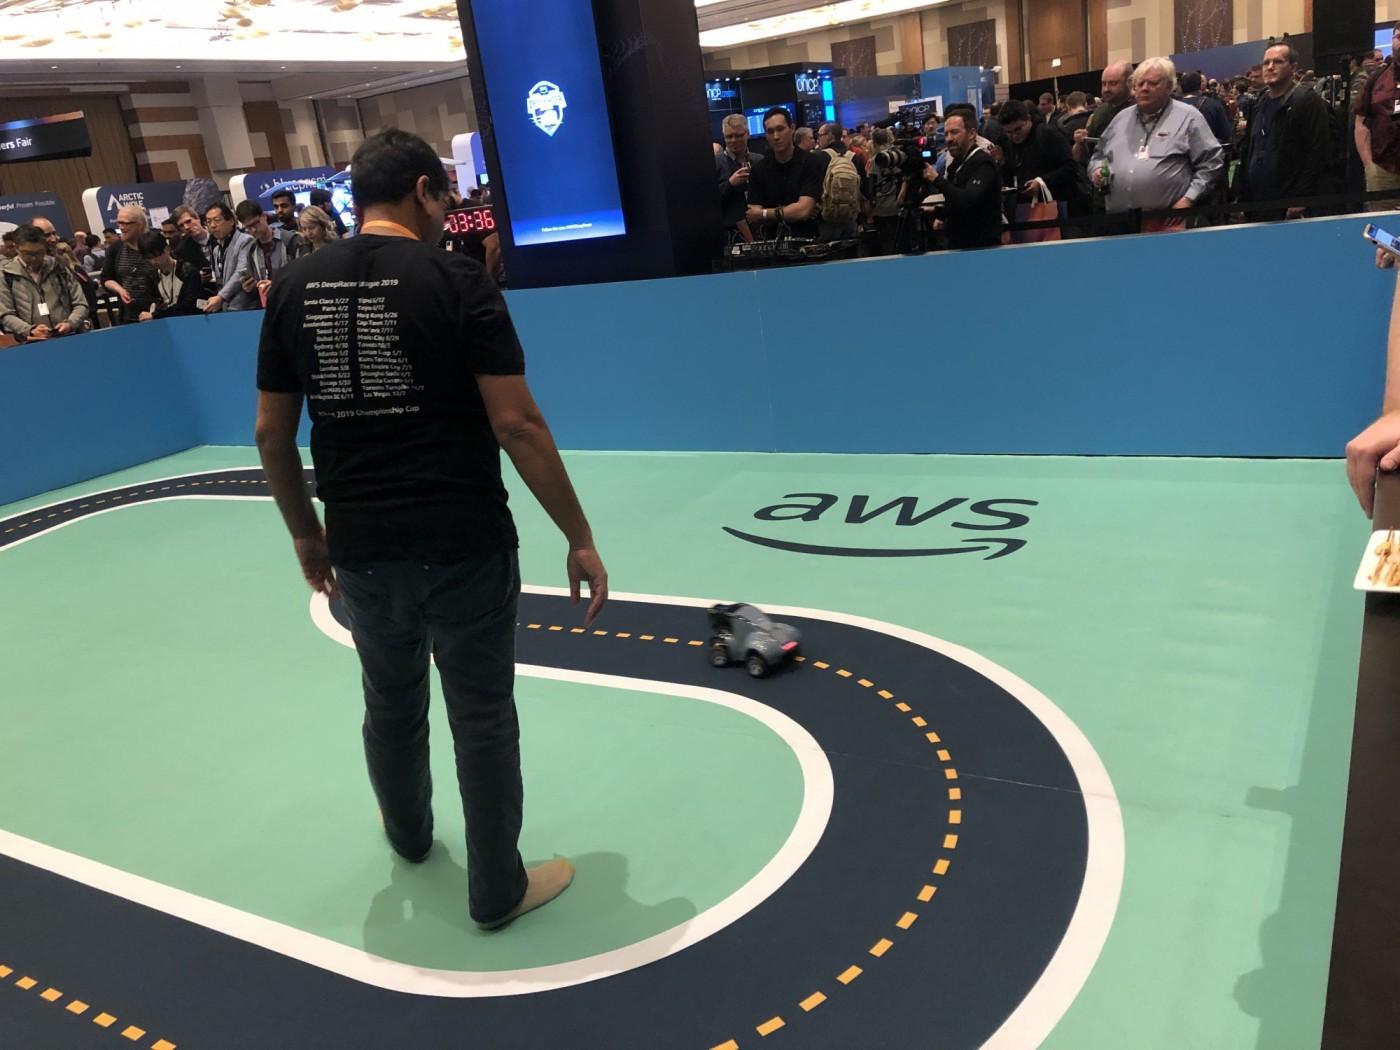 交大學生奪亞馬遜AI賽車銅牌!AWS首次舉辦全球自駕車比賽DeepRacer